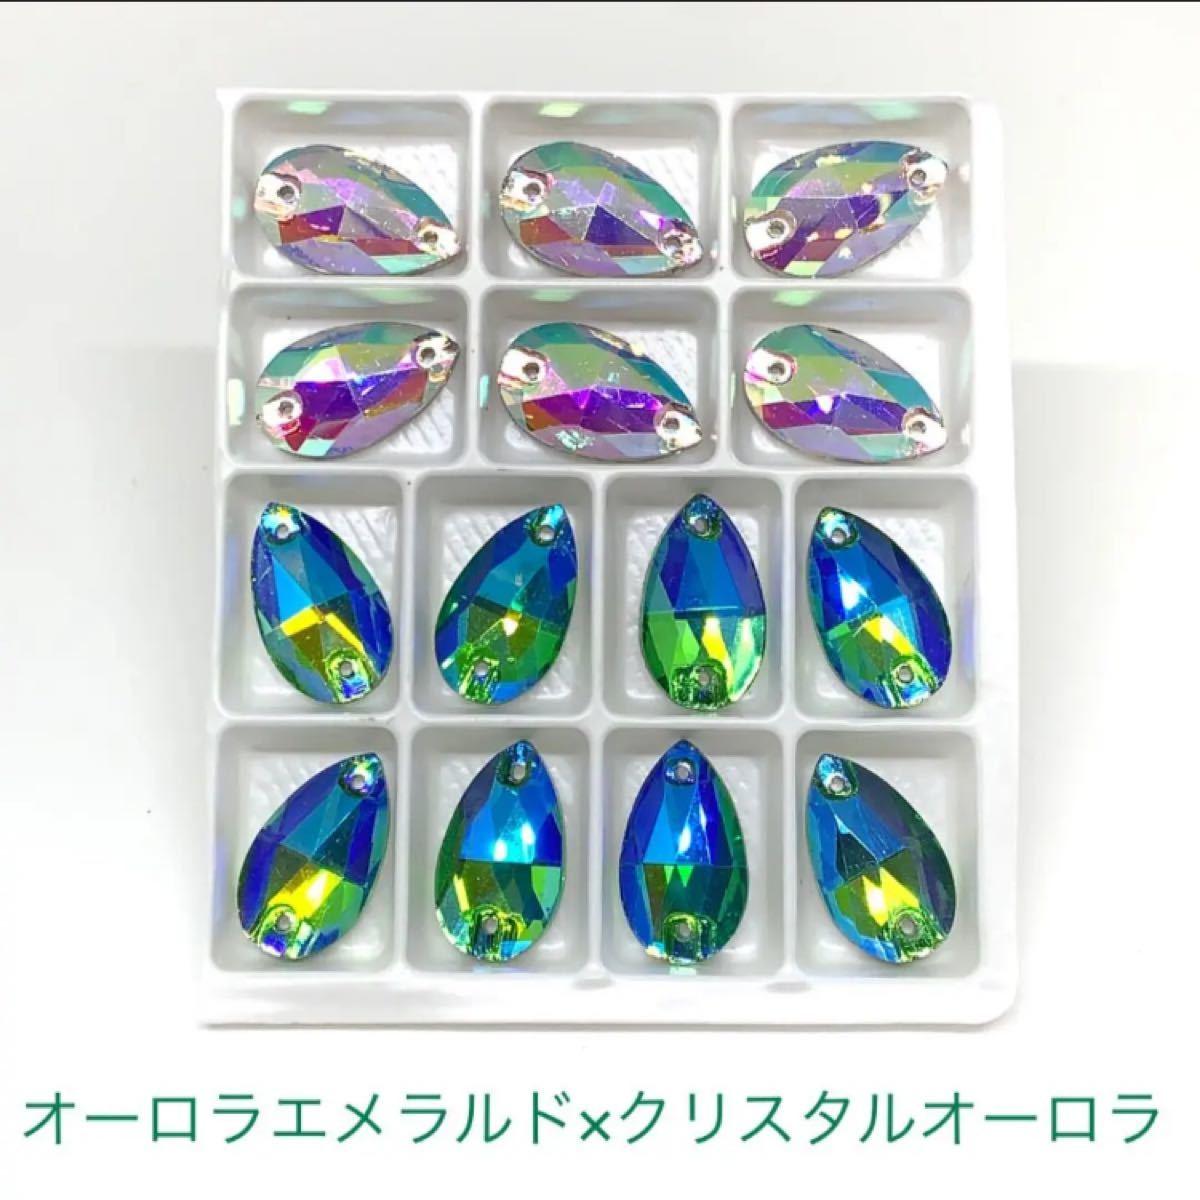 ガラスストーン   ガラスビジュー オーロラエメラルド×クリスタルオーロラ